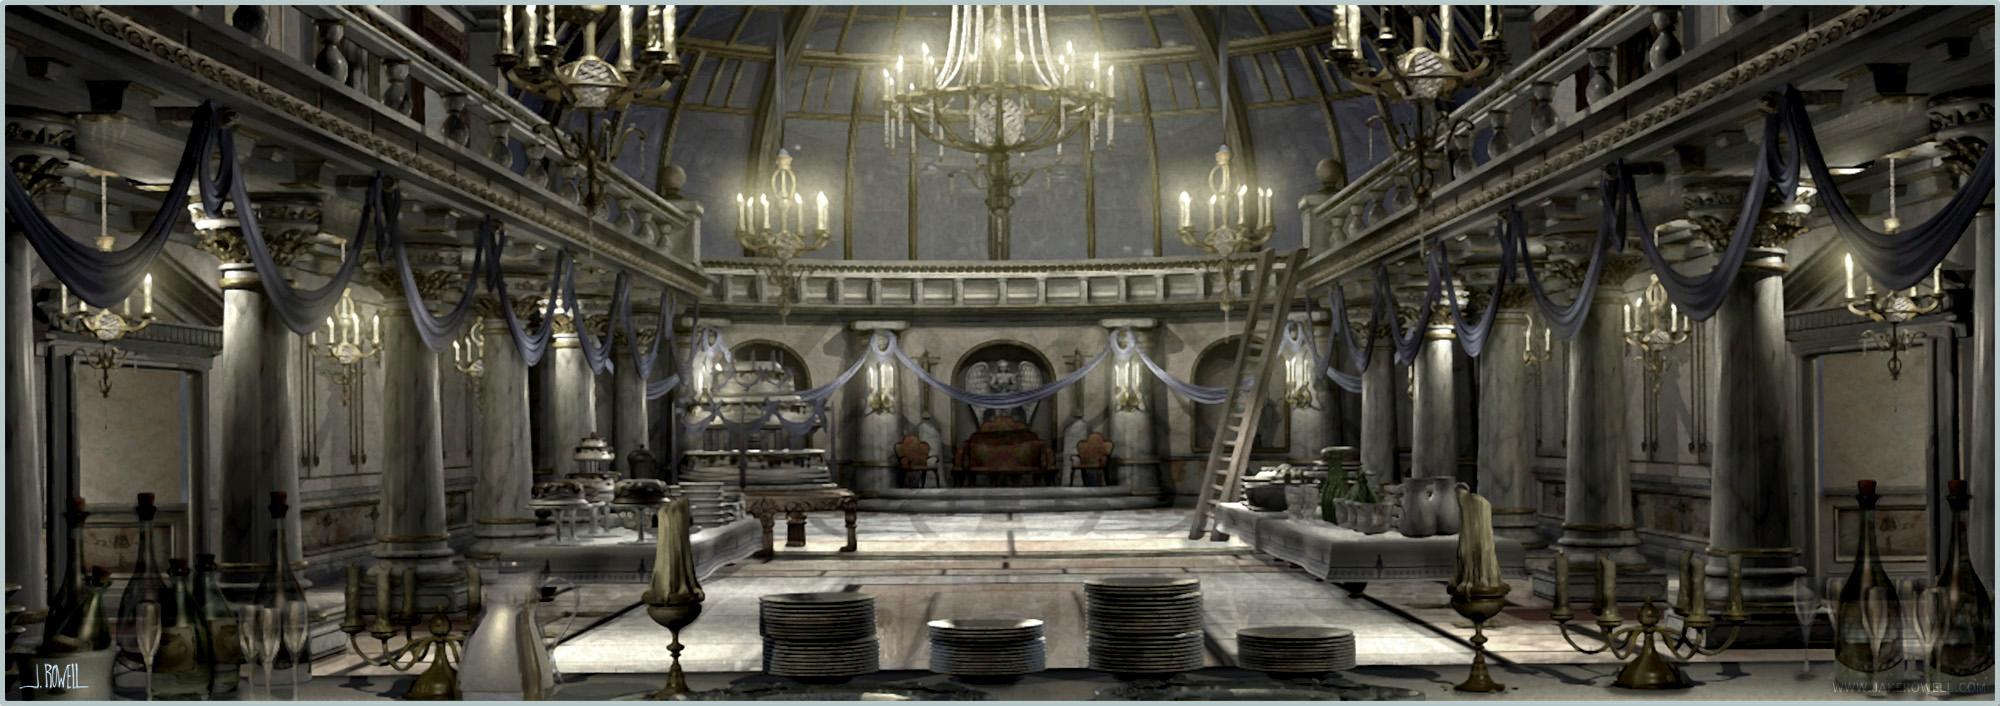 Final Fantasy IX Castle Inside Art Jake L Rowell